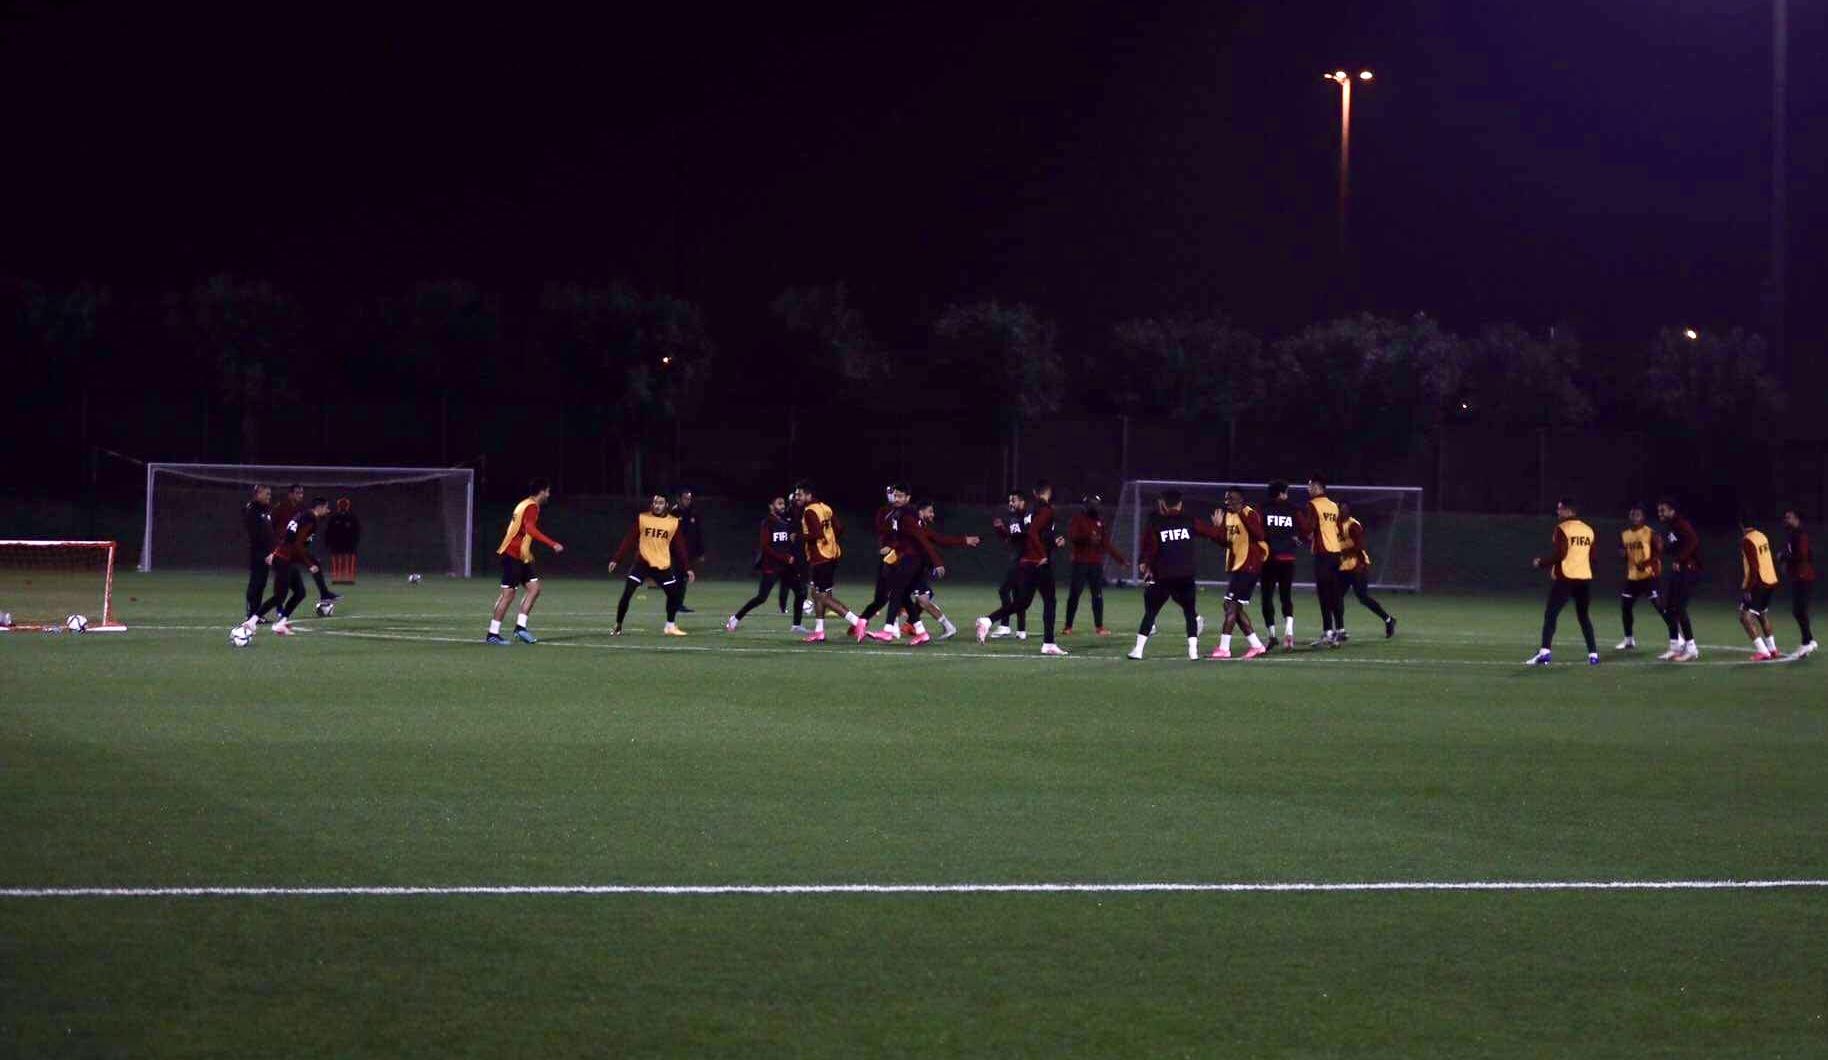 الأهلي في المونديال| الفريق يختتم استعداداته لمواجهة بايرن بمشاركة جميع اللاعبين